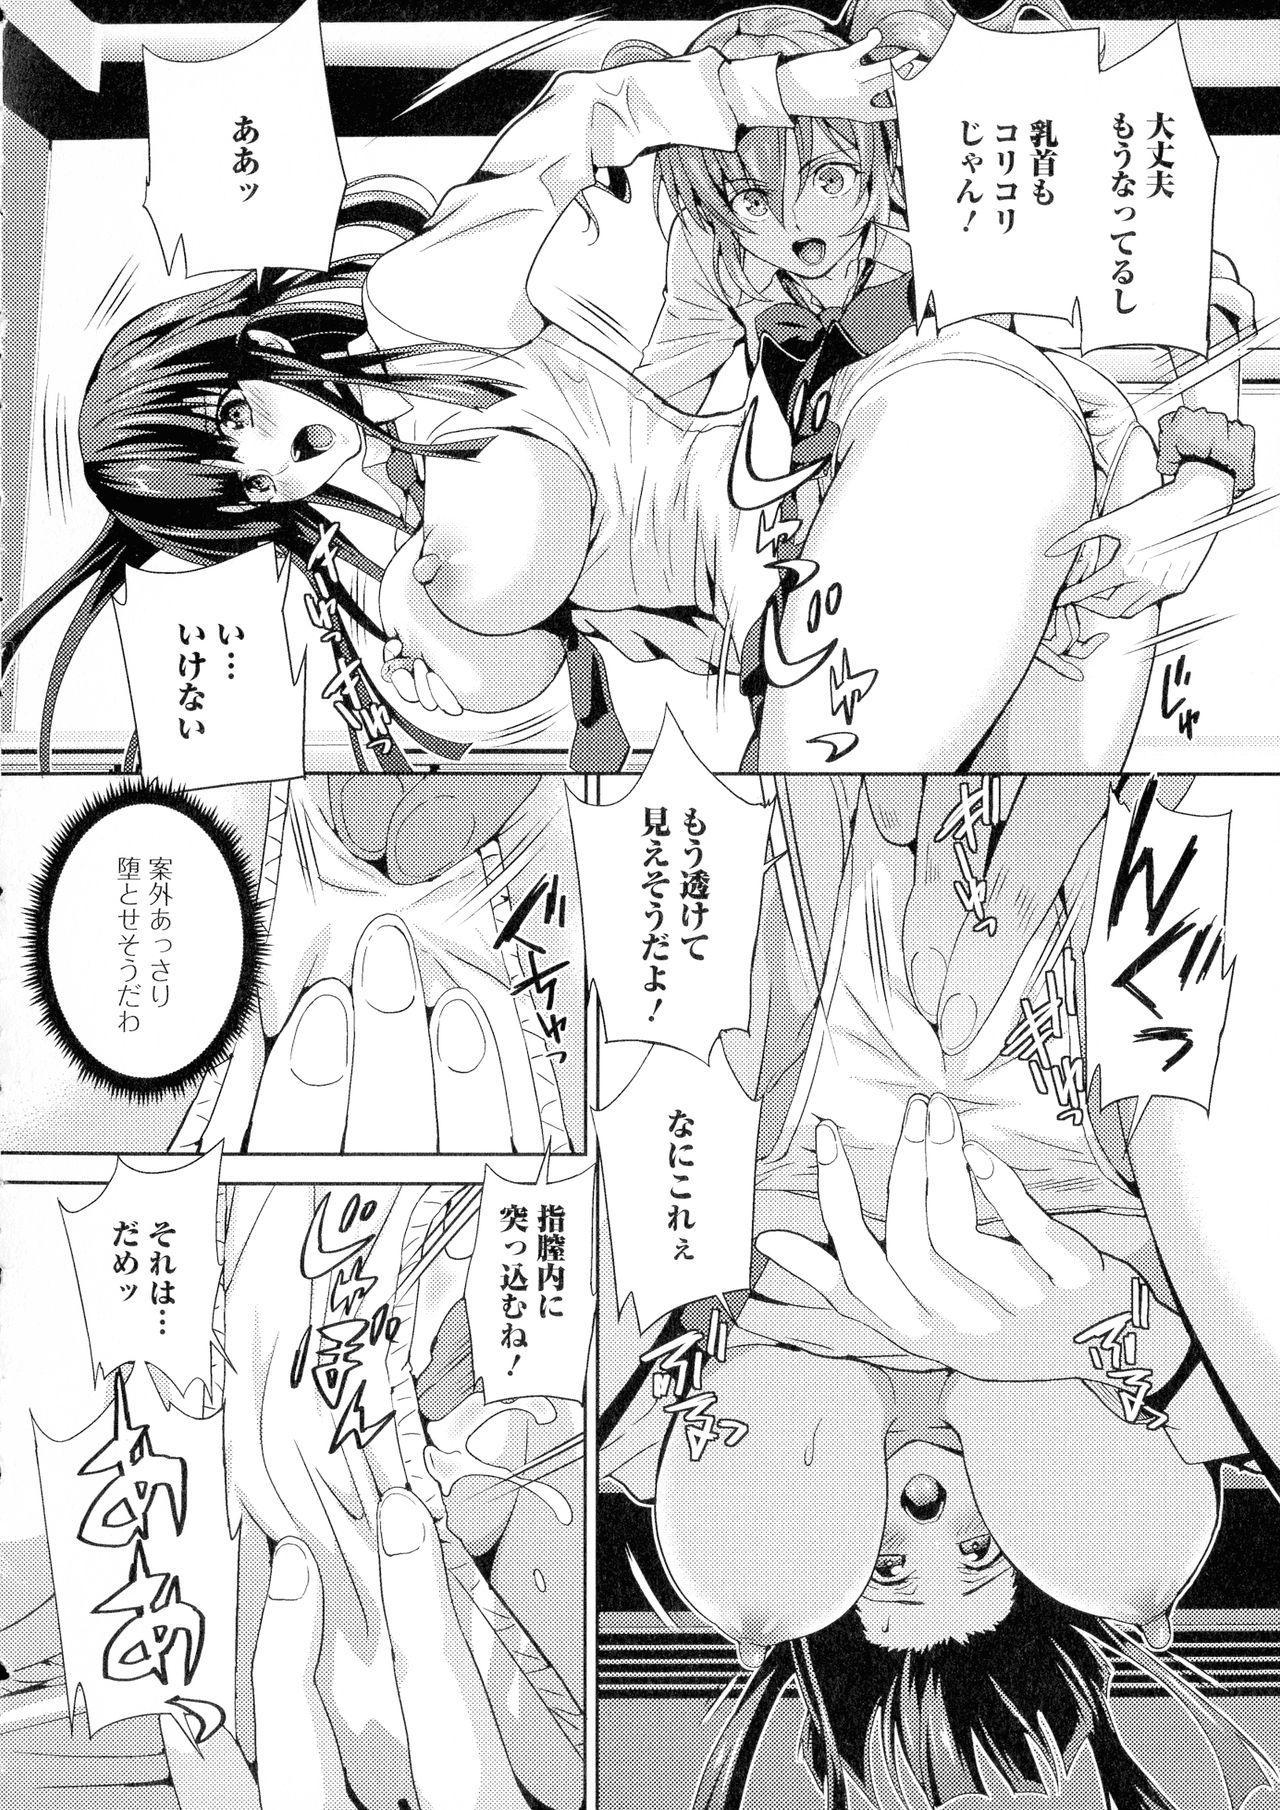 Futanari Tsunagari - Androgynos Sexual intercourse 22